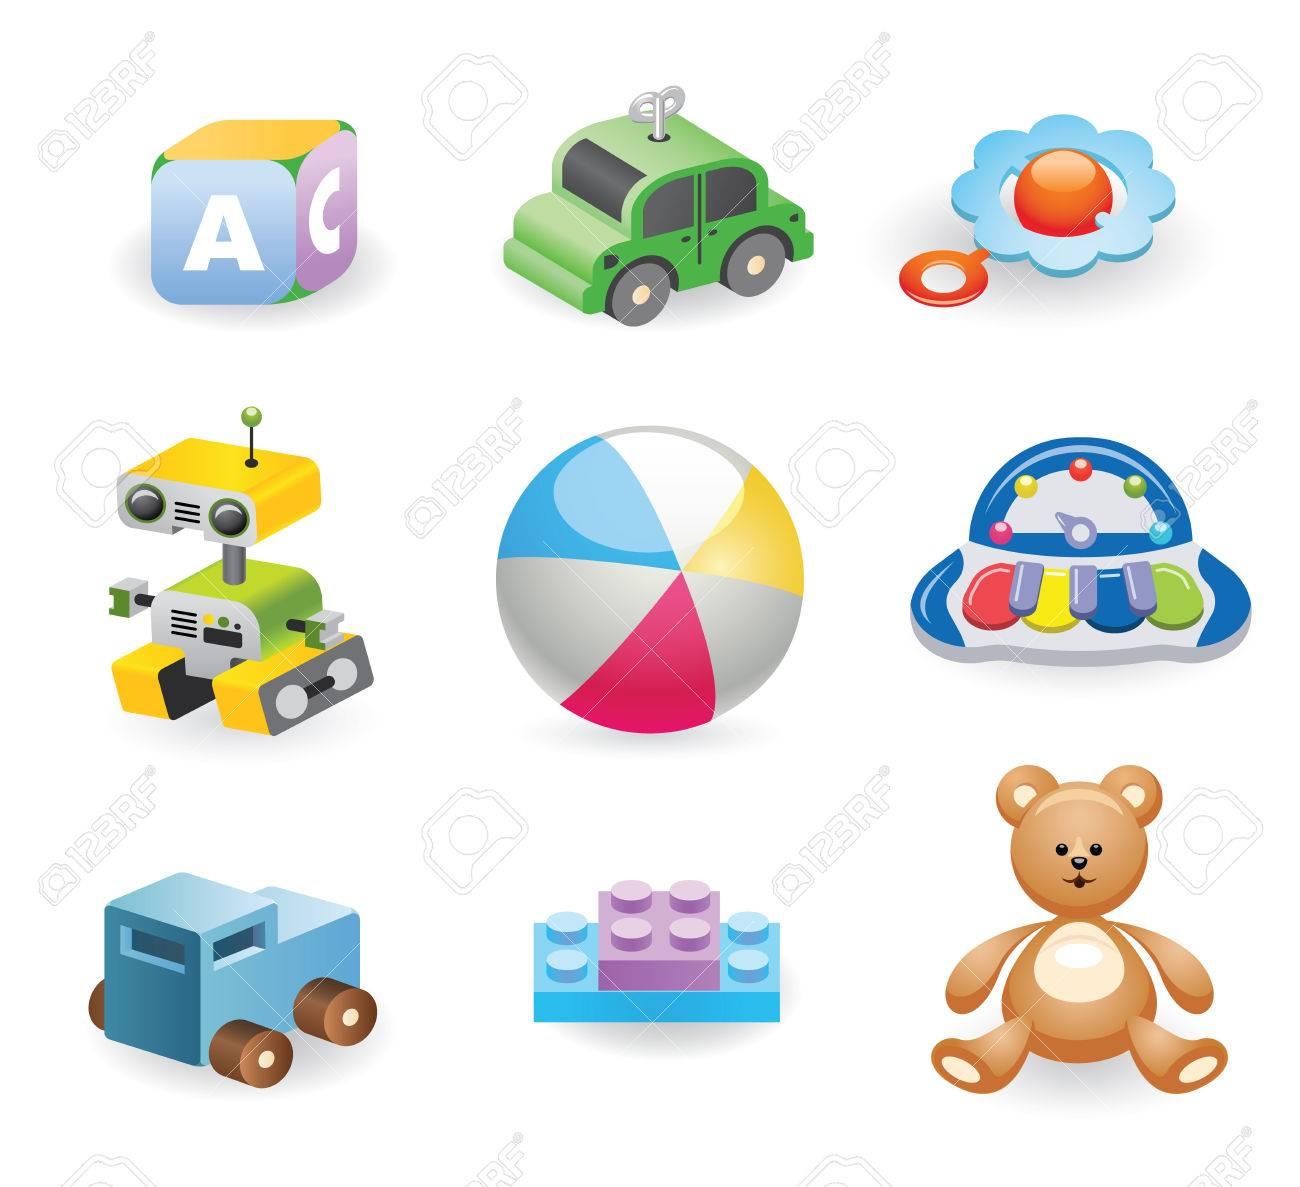 Foto de archivo - Una variedad de juguetes para niños. Conjunto de diversos  juguetes para los niños. Ilustración del vector. fd36e9d210c6